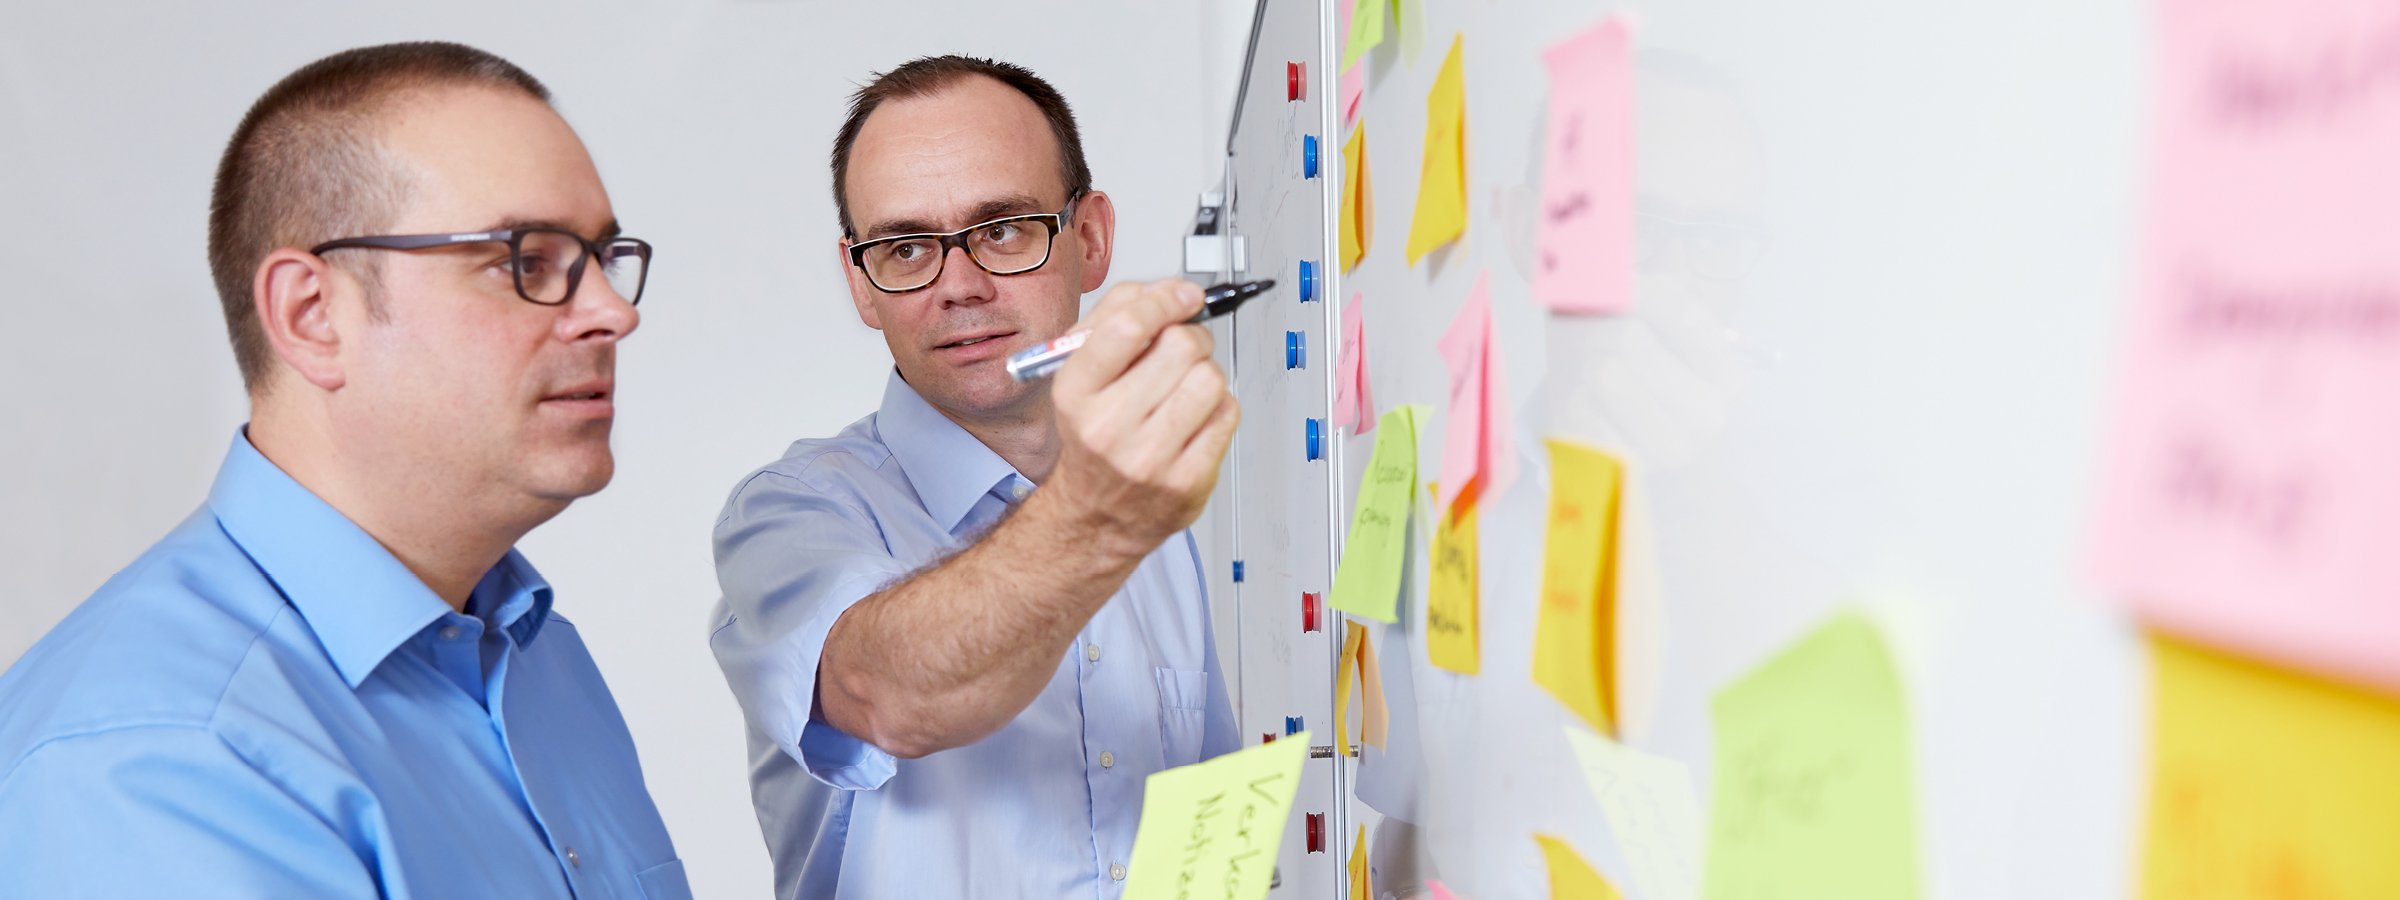 Strategien für die digitale Arbeitswelt